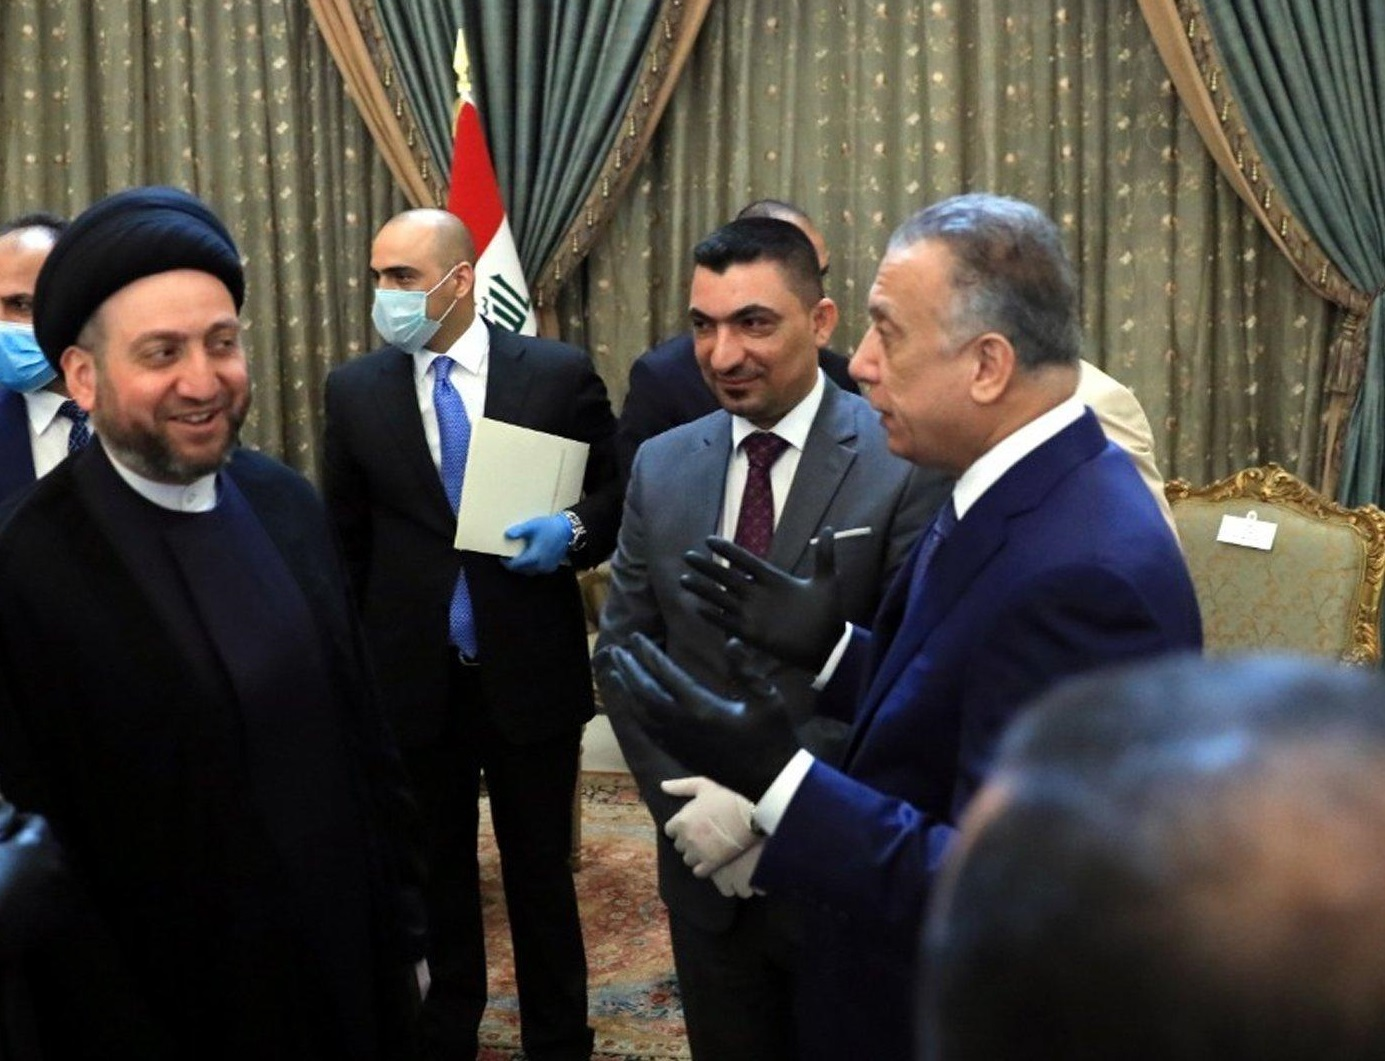 لدعم الكاظمي ..  الحكيم يعلن اليوم تحالفاً برلمانياً جديداً